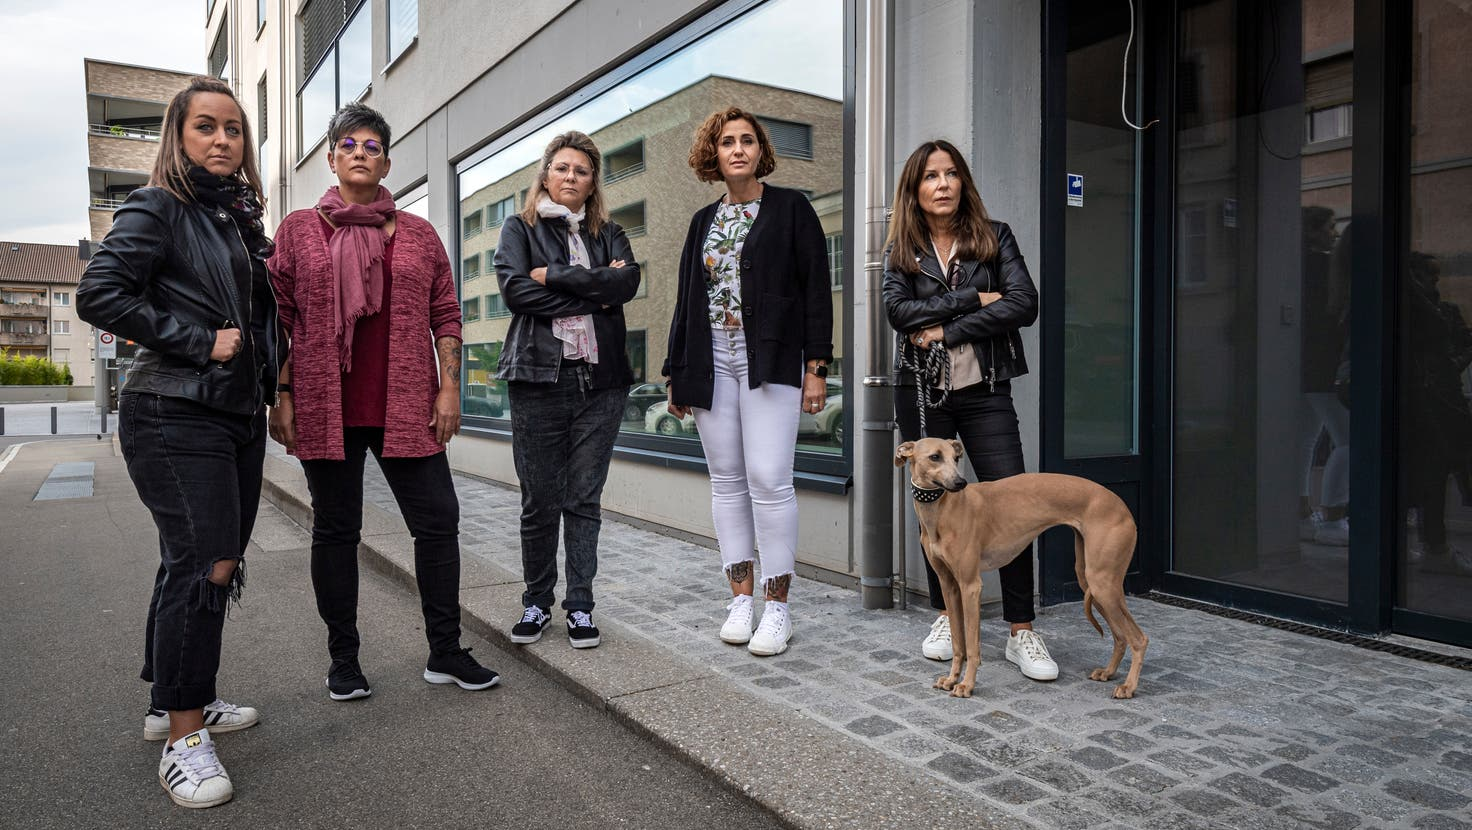 Fünf Kundinnen vor dem ehemaligen Fitnesscenter Hotshape an der Ulmenstrasse in St.Gallen, dessen Betreiber über 40 Frauen um Geld betrogen hat, darunter Christine van der Velden (ganz rechts). (Bild: Reto Martin)